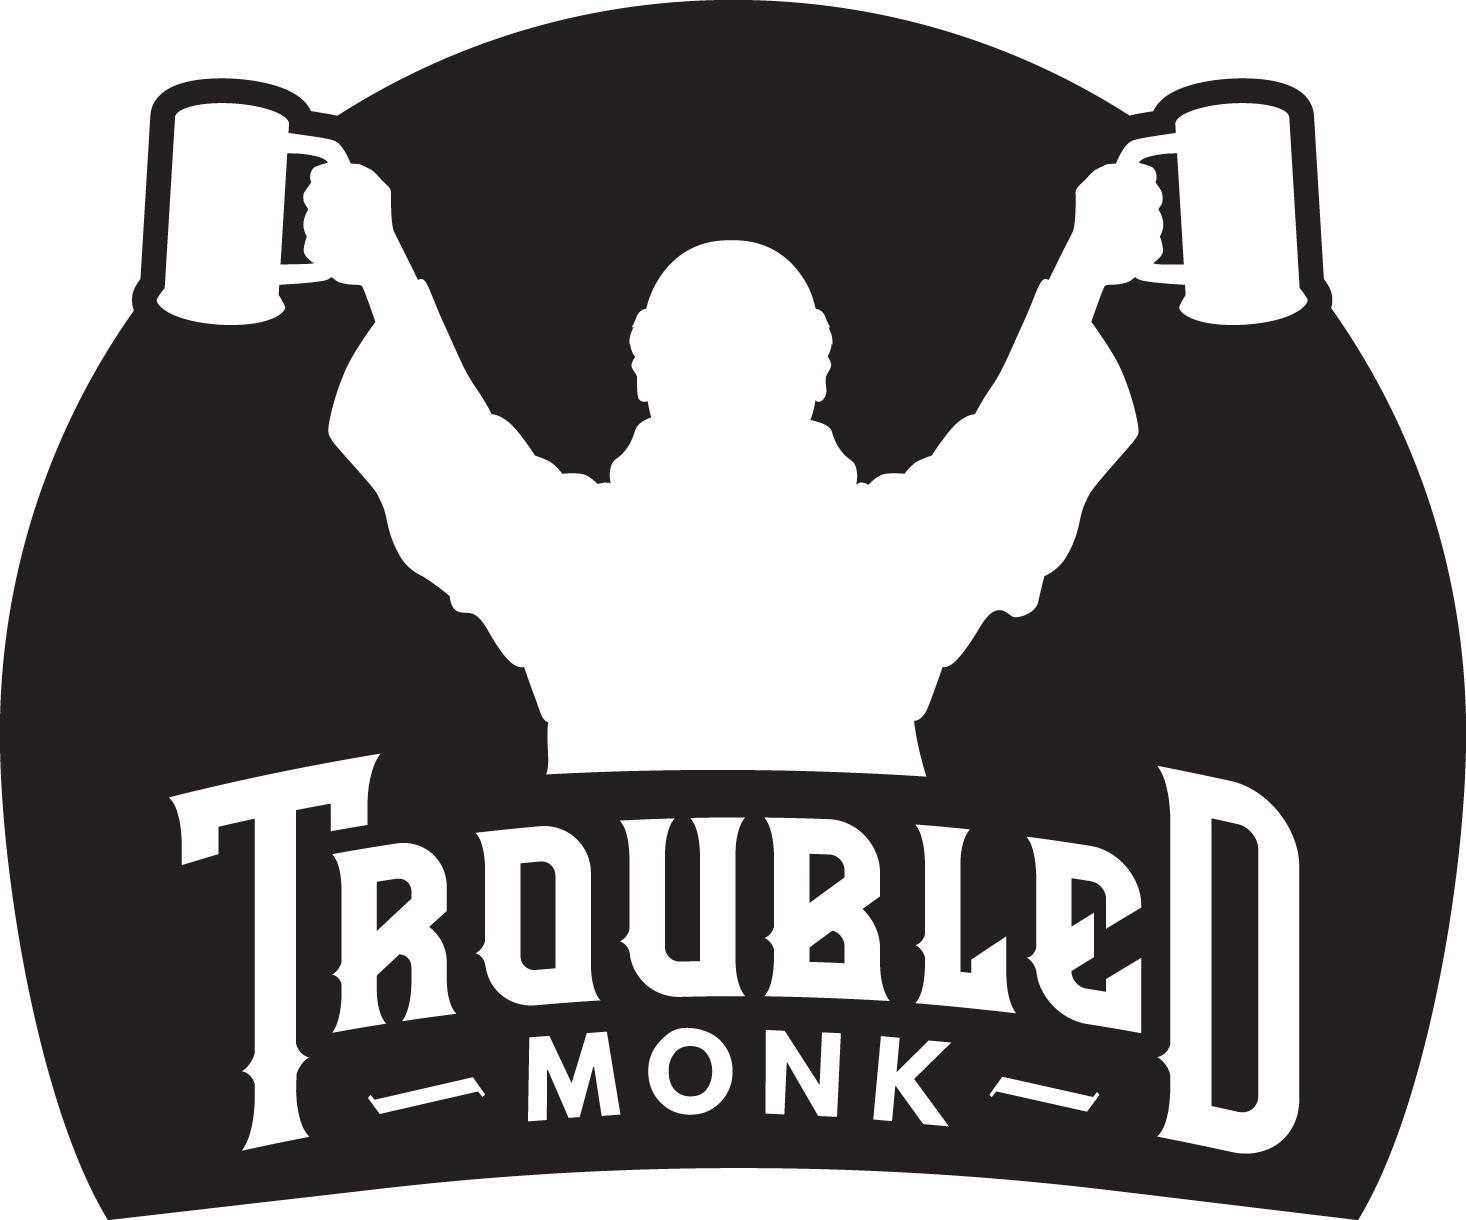 TroubledMonk-black.jpg